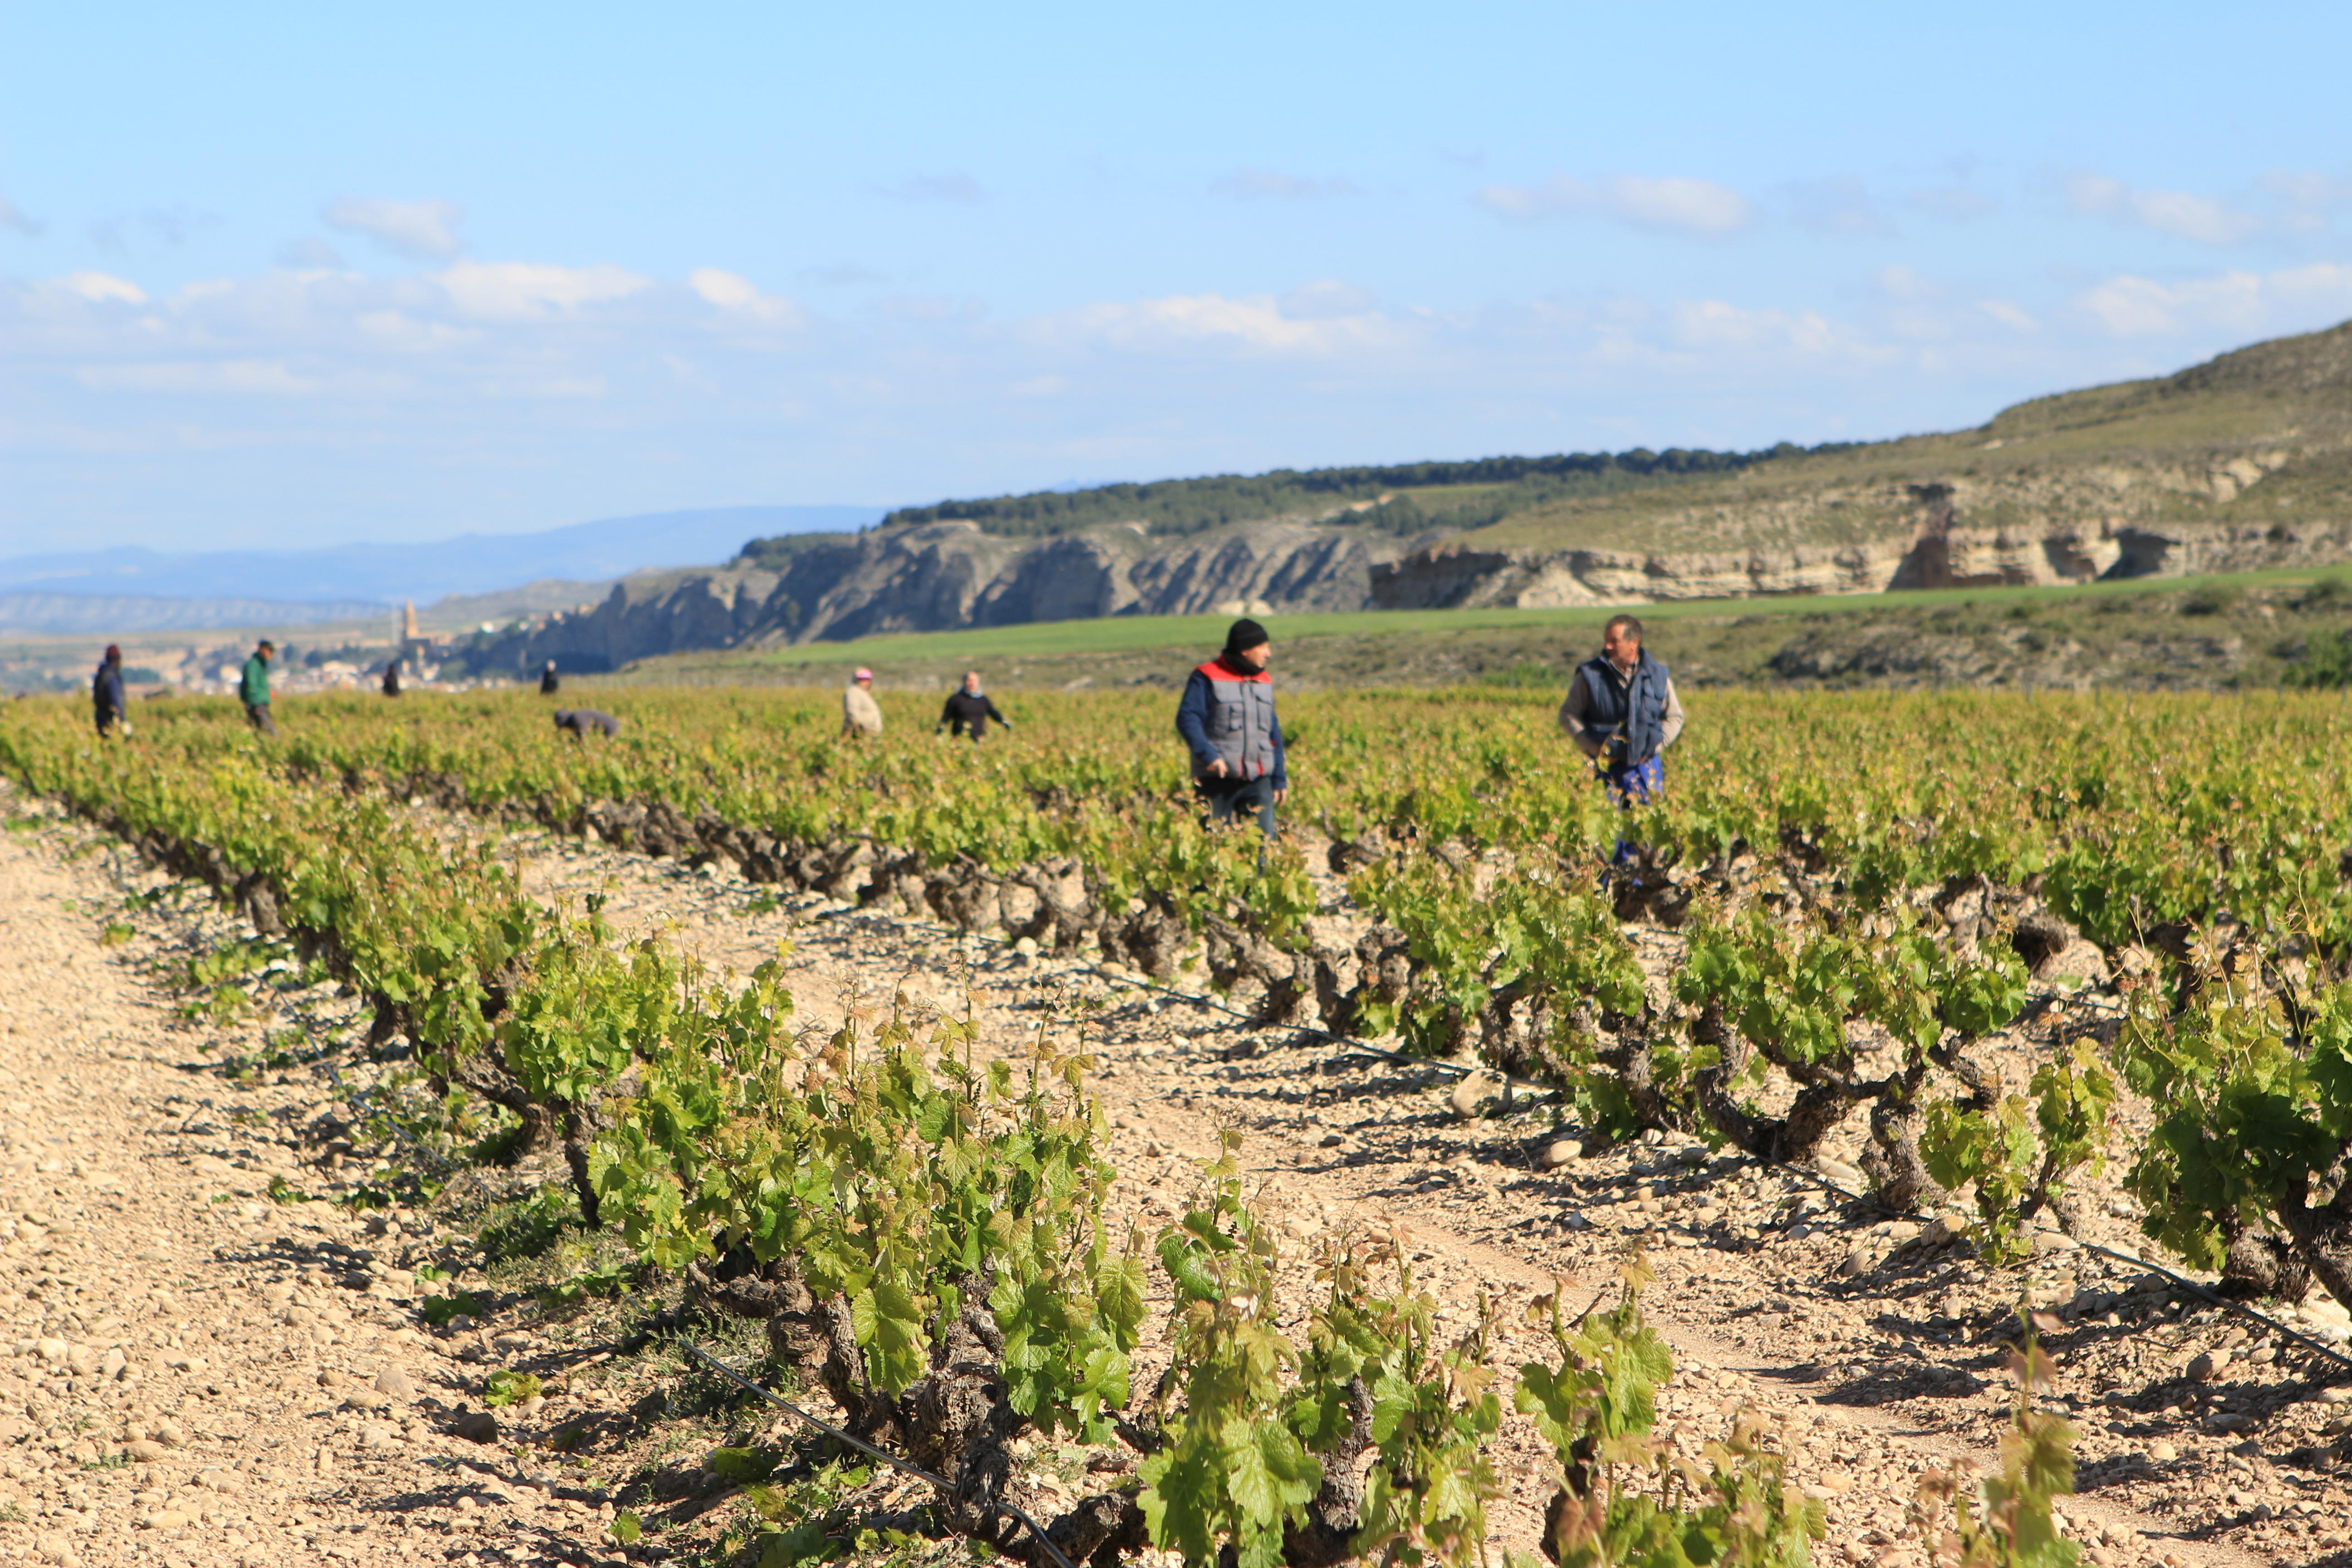 Manzanos Wines - Hectáres Viñedos